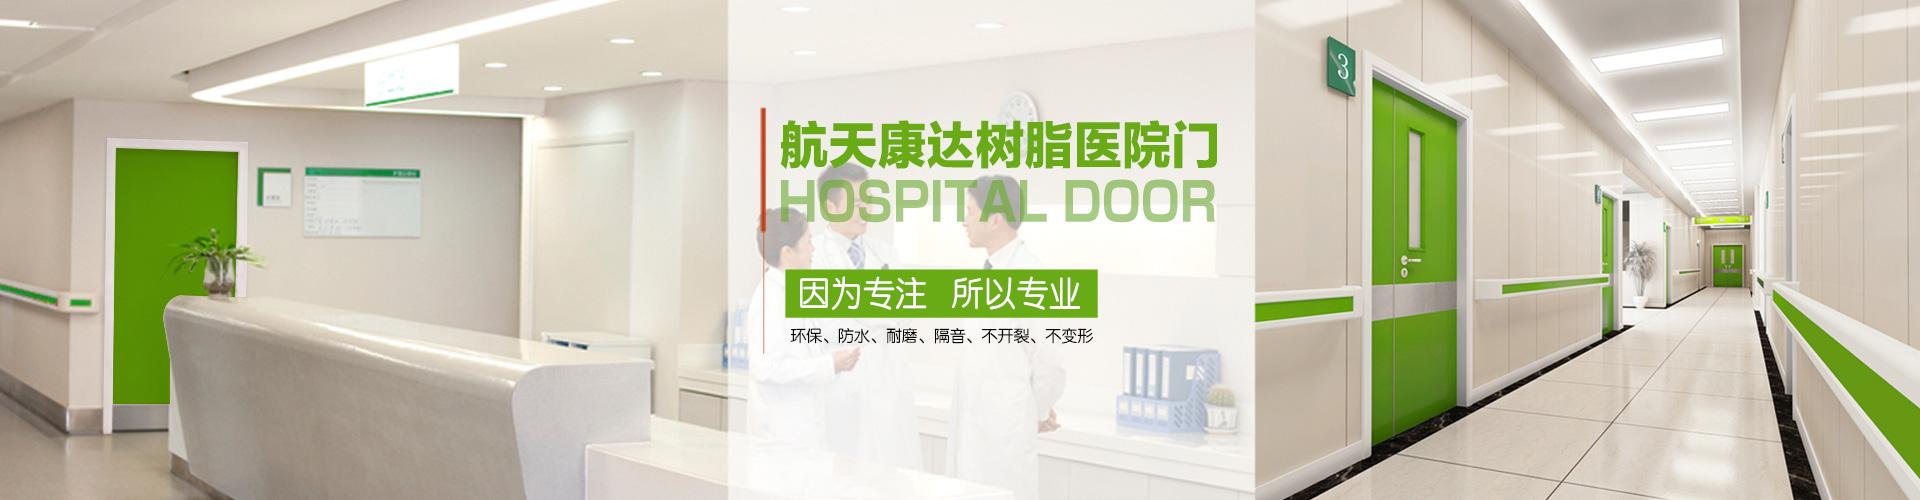 航天康達树脂医院门、医用门、医院专用门1